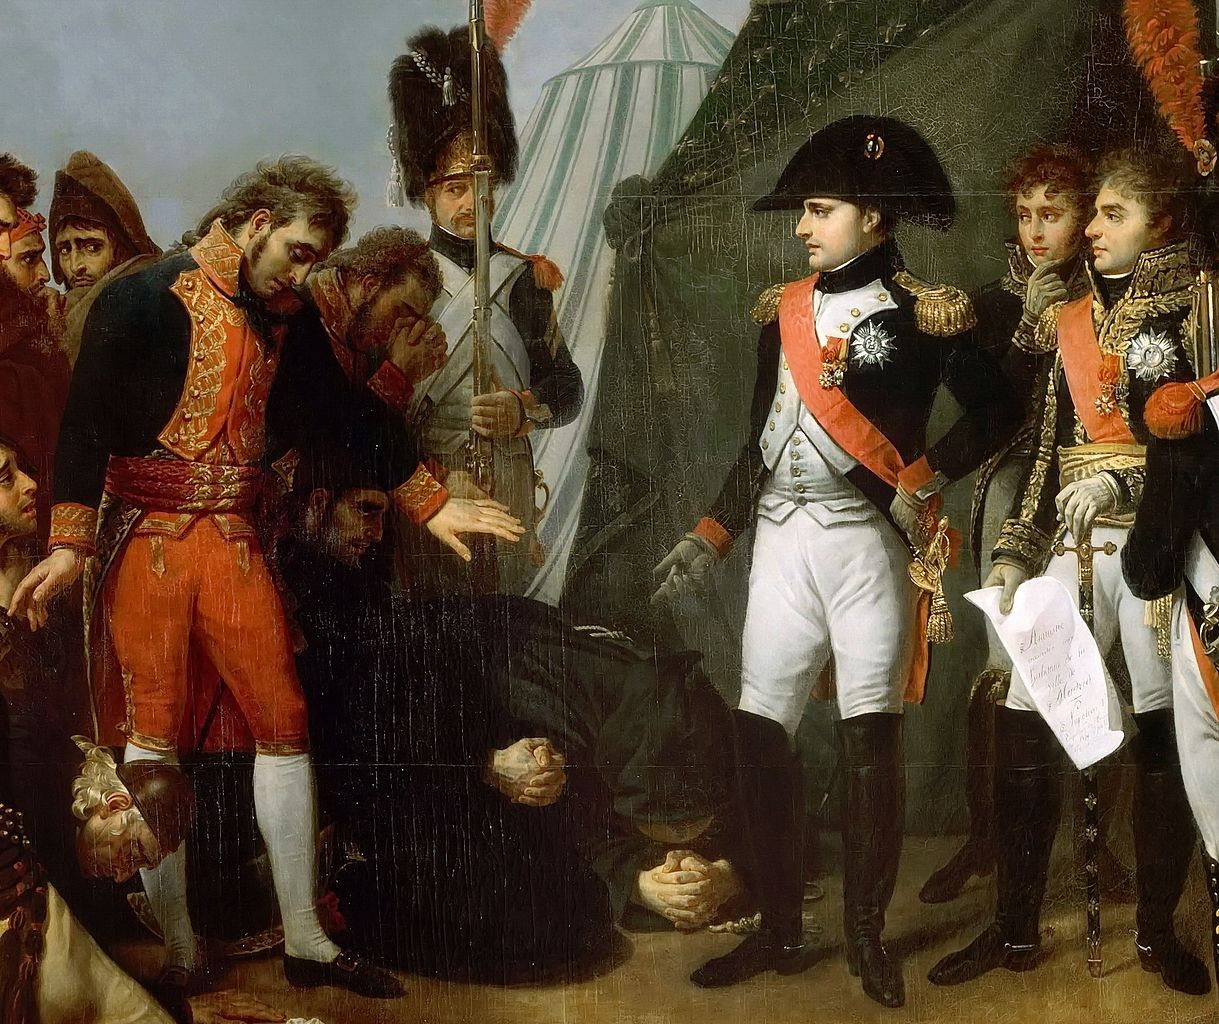 נפולאון מקבל את כניעת מדריד. ז'אן אנטואן גרו, שמן על בד, 1808